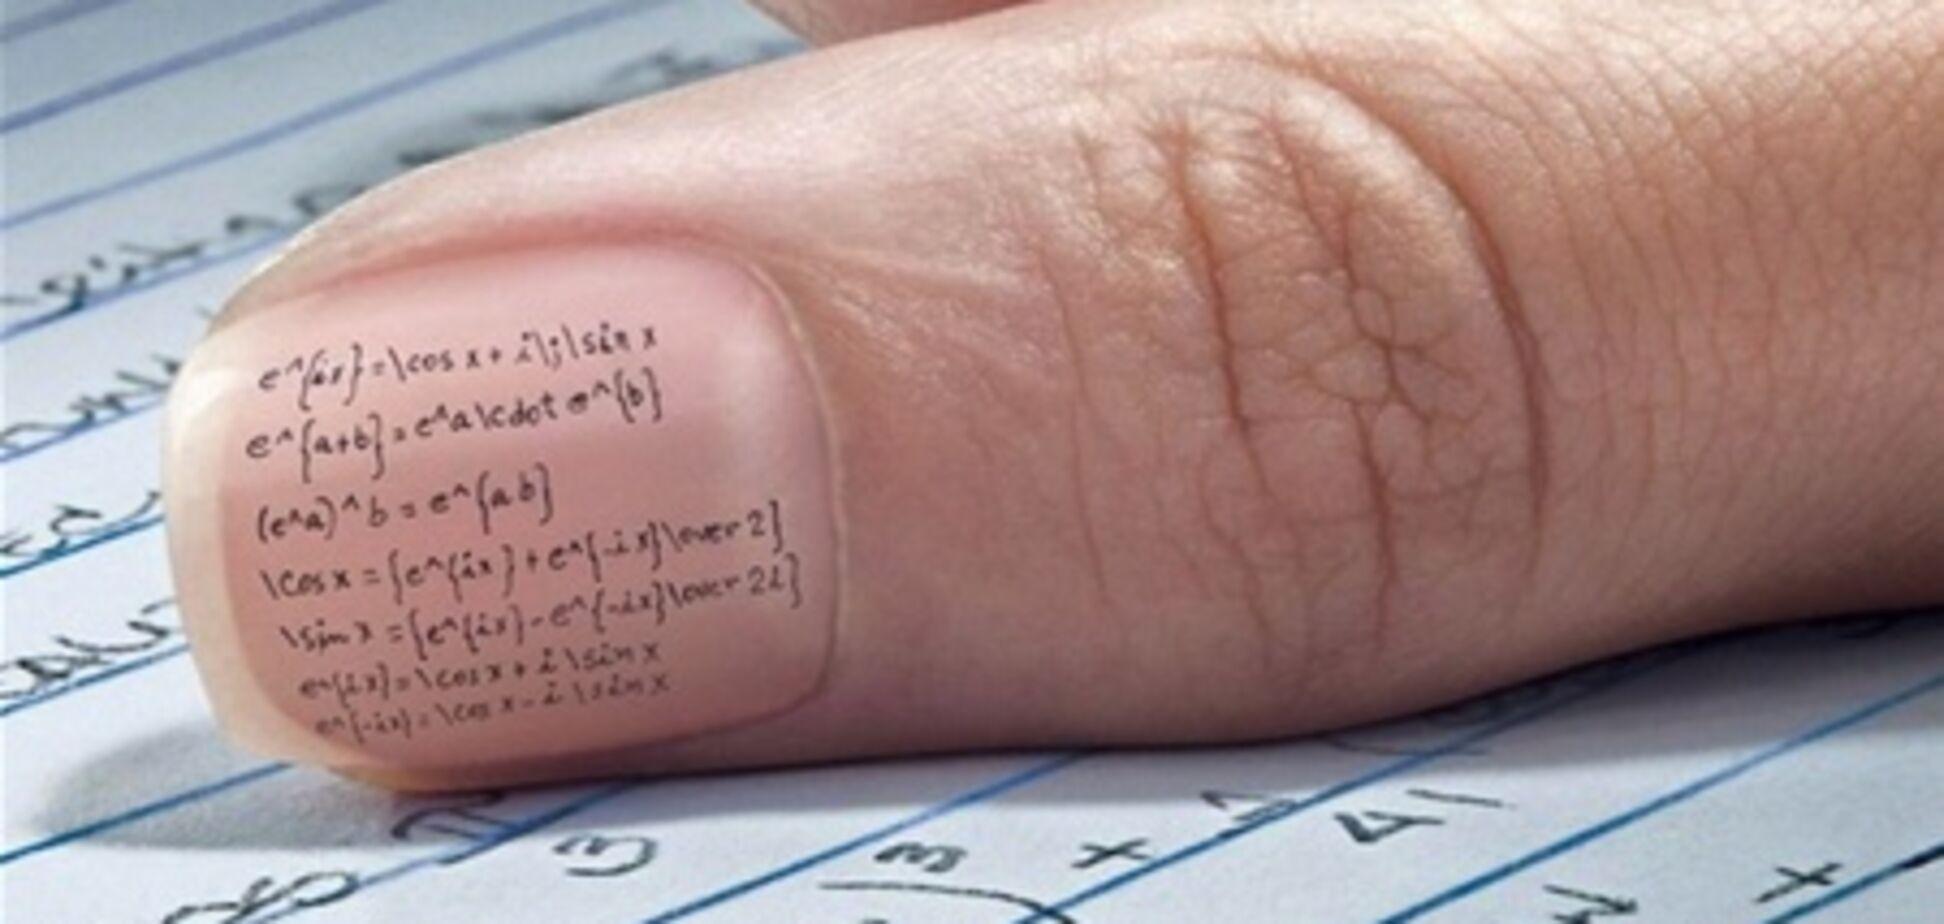 5 самых хитроумных способов списать на экзамене